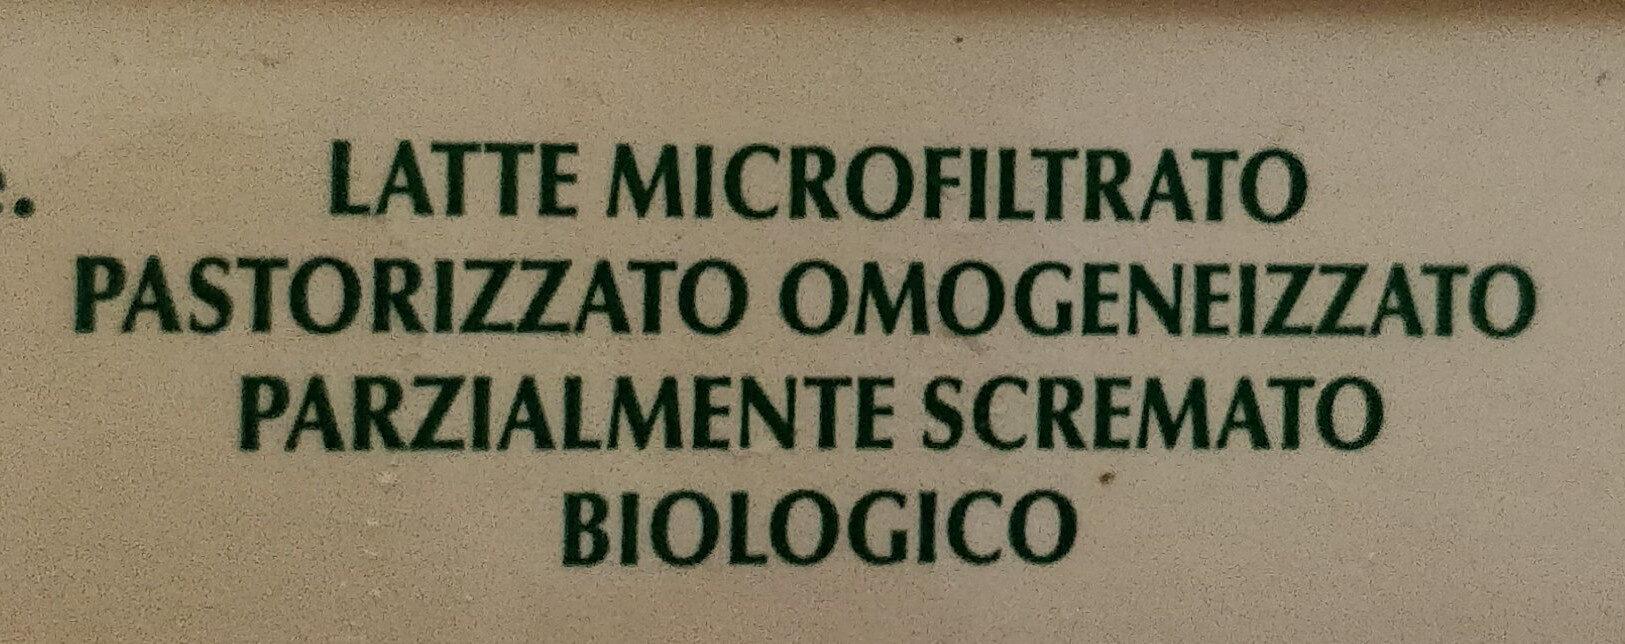 latte microfiltrato biologico parzialmente scremato - Ingredients - it